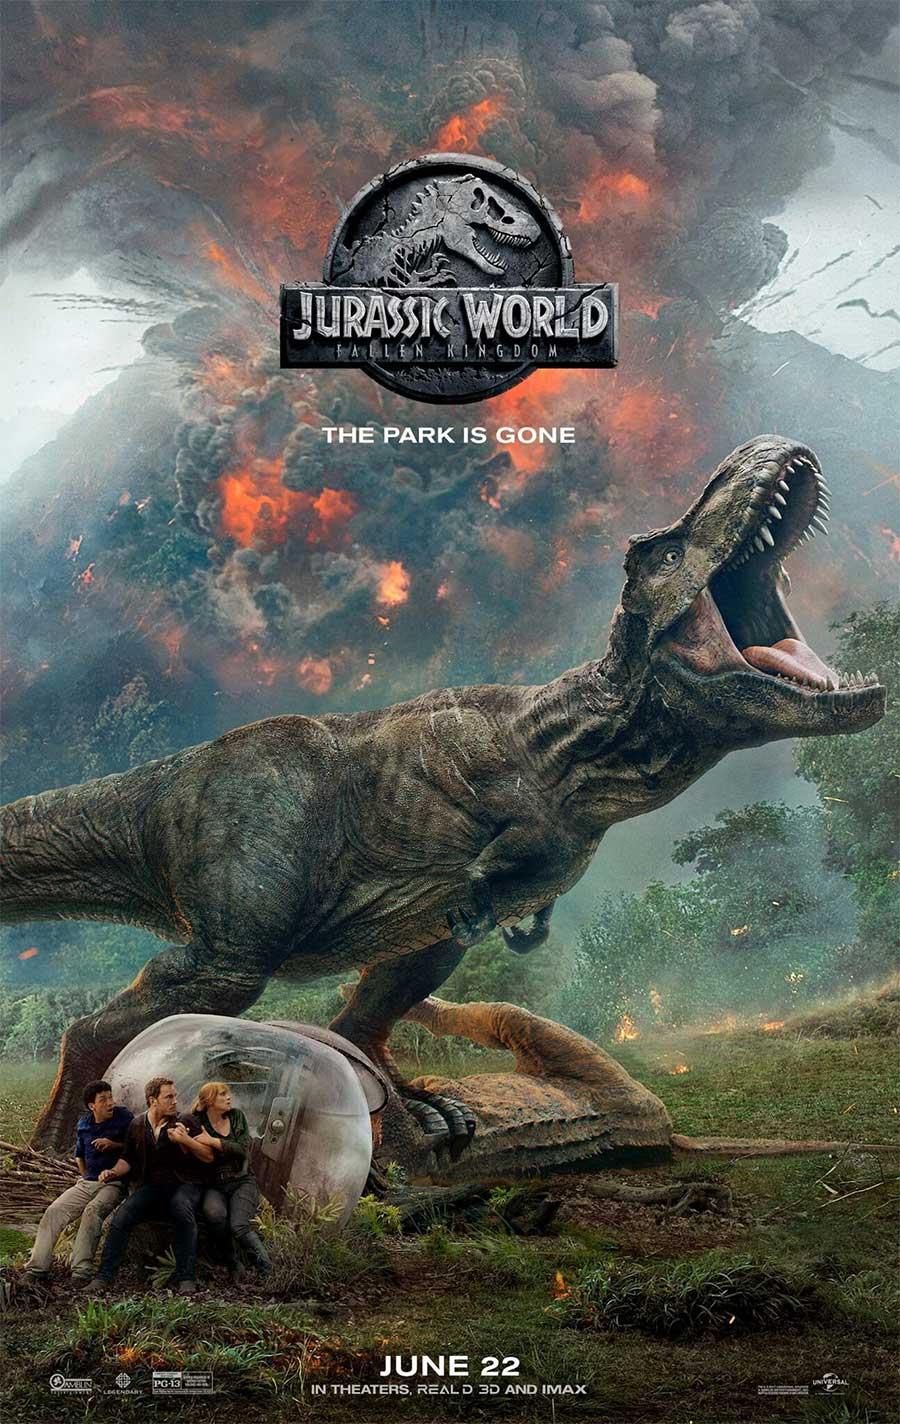 Poster for Jurassic World 2